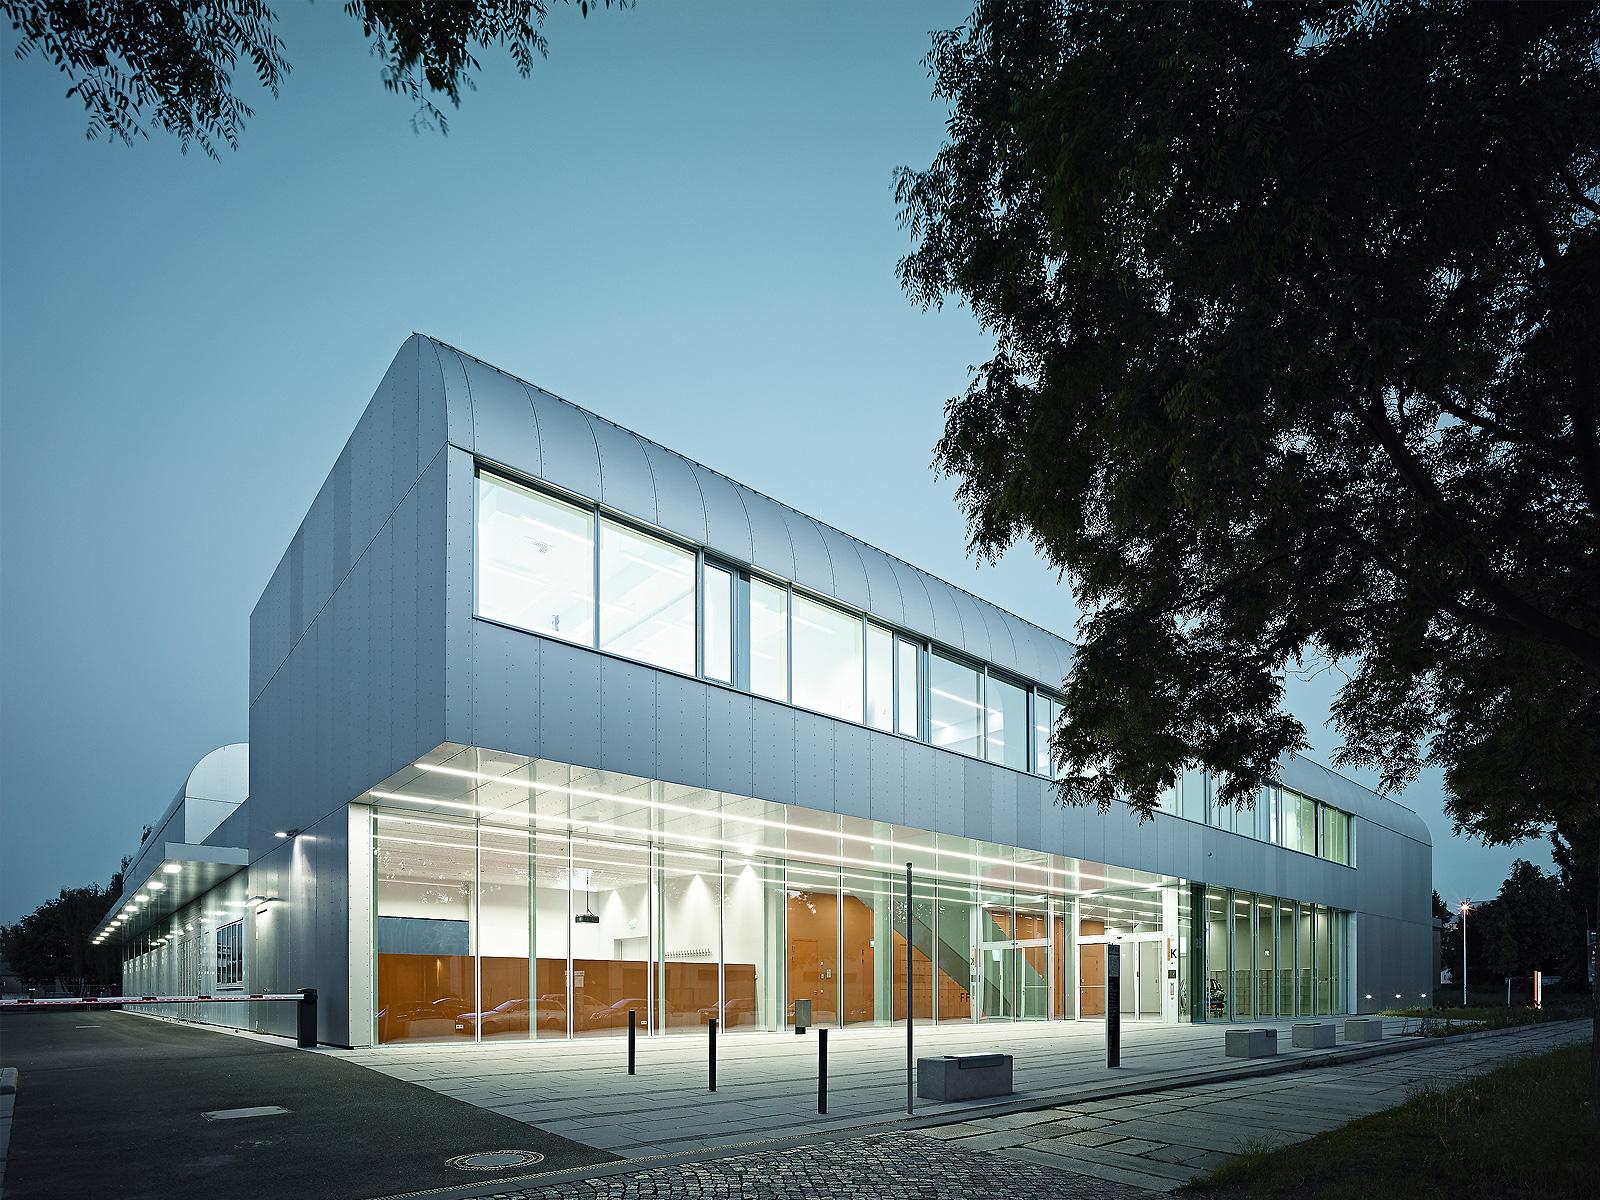 best architects architektur award knerer und lang architekten gmbh knerer und lang. Black Bedroom Furniture Sets. Home Design Ideas